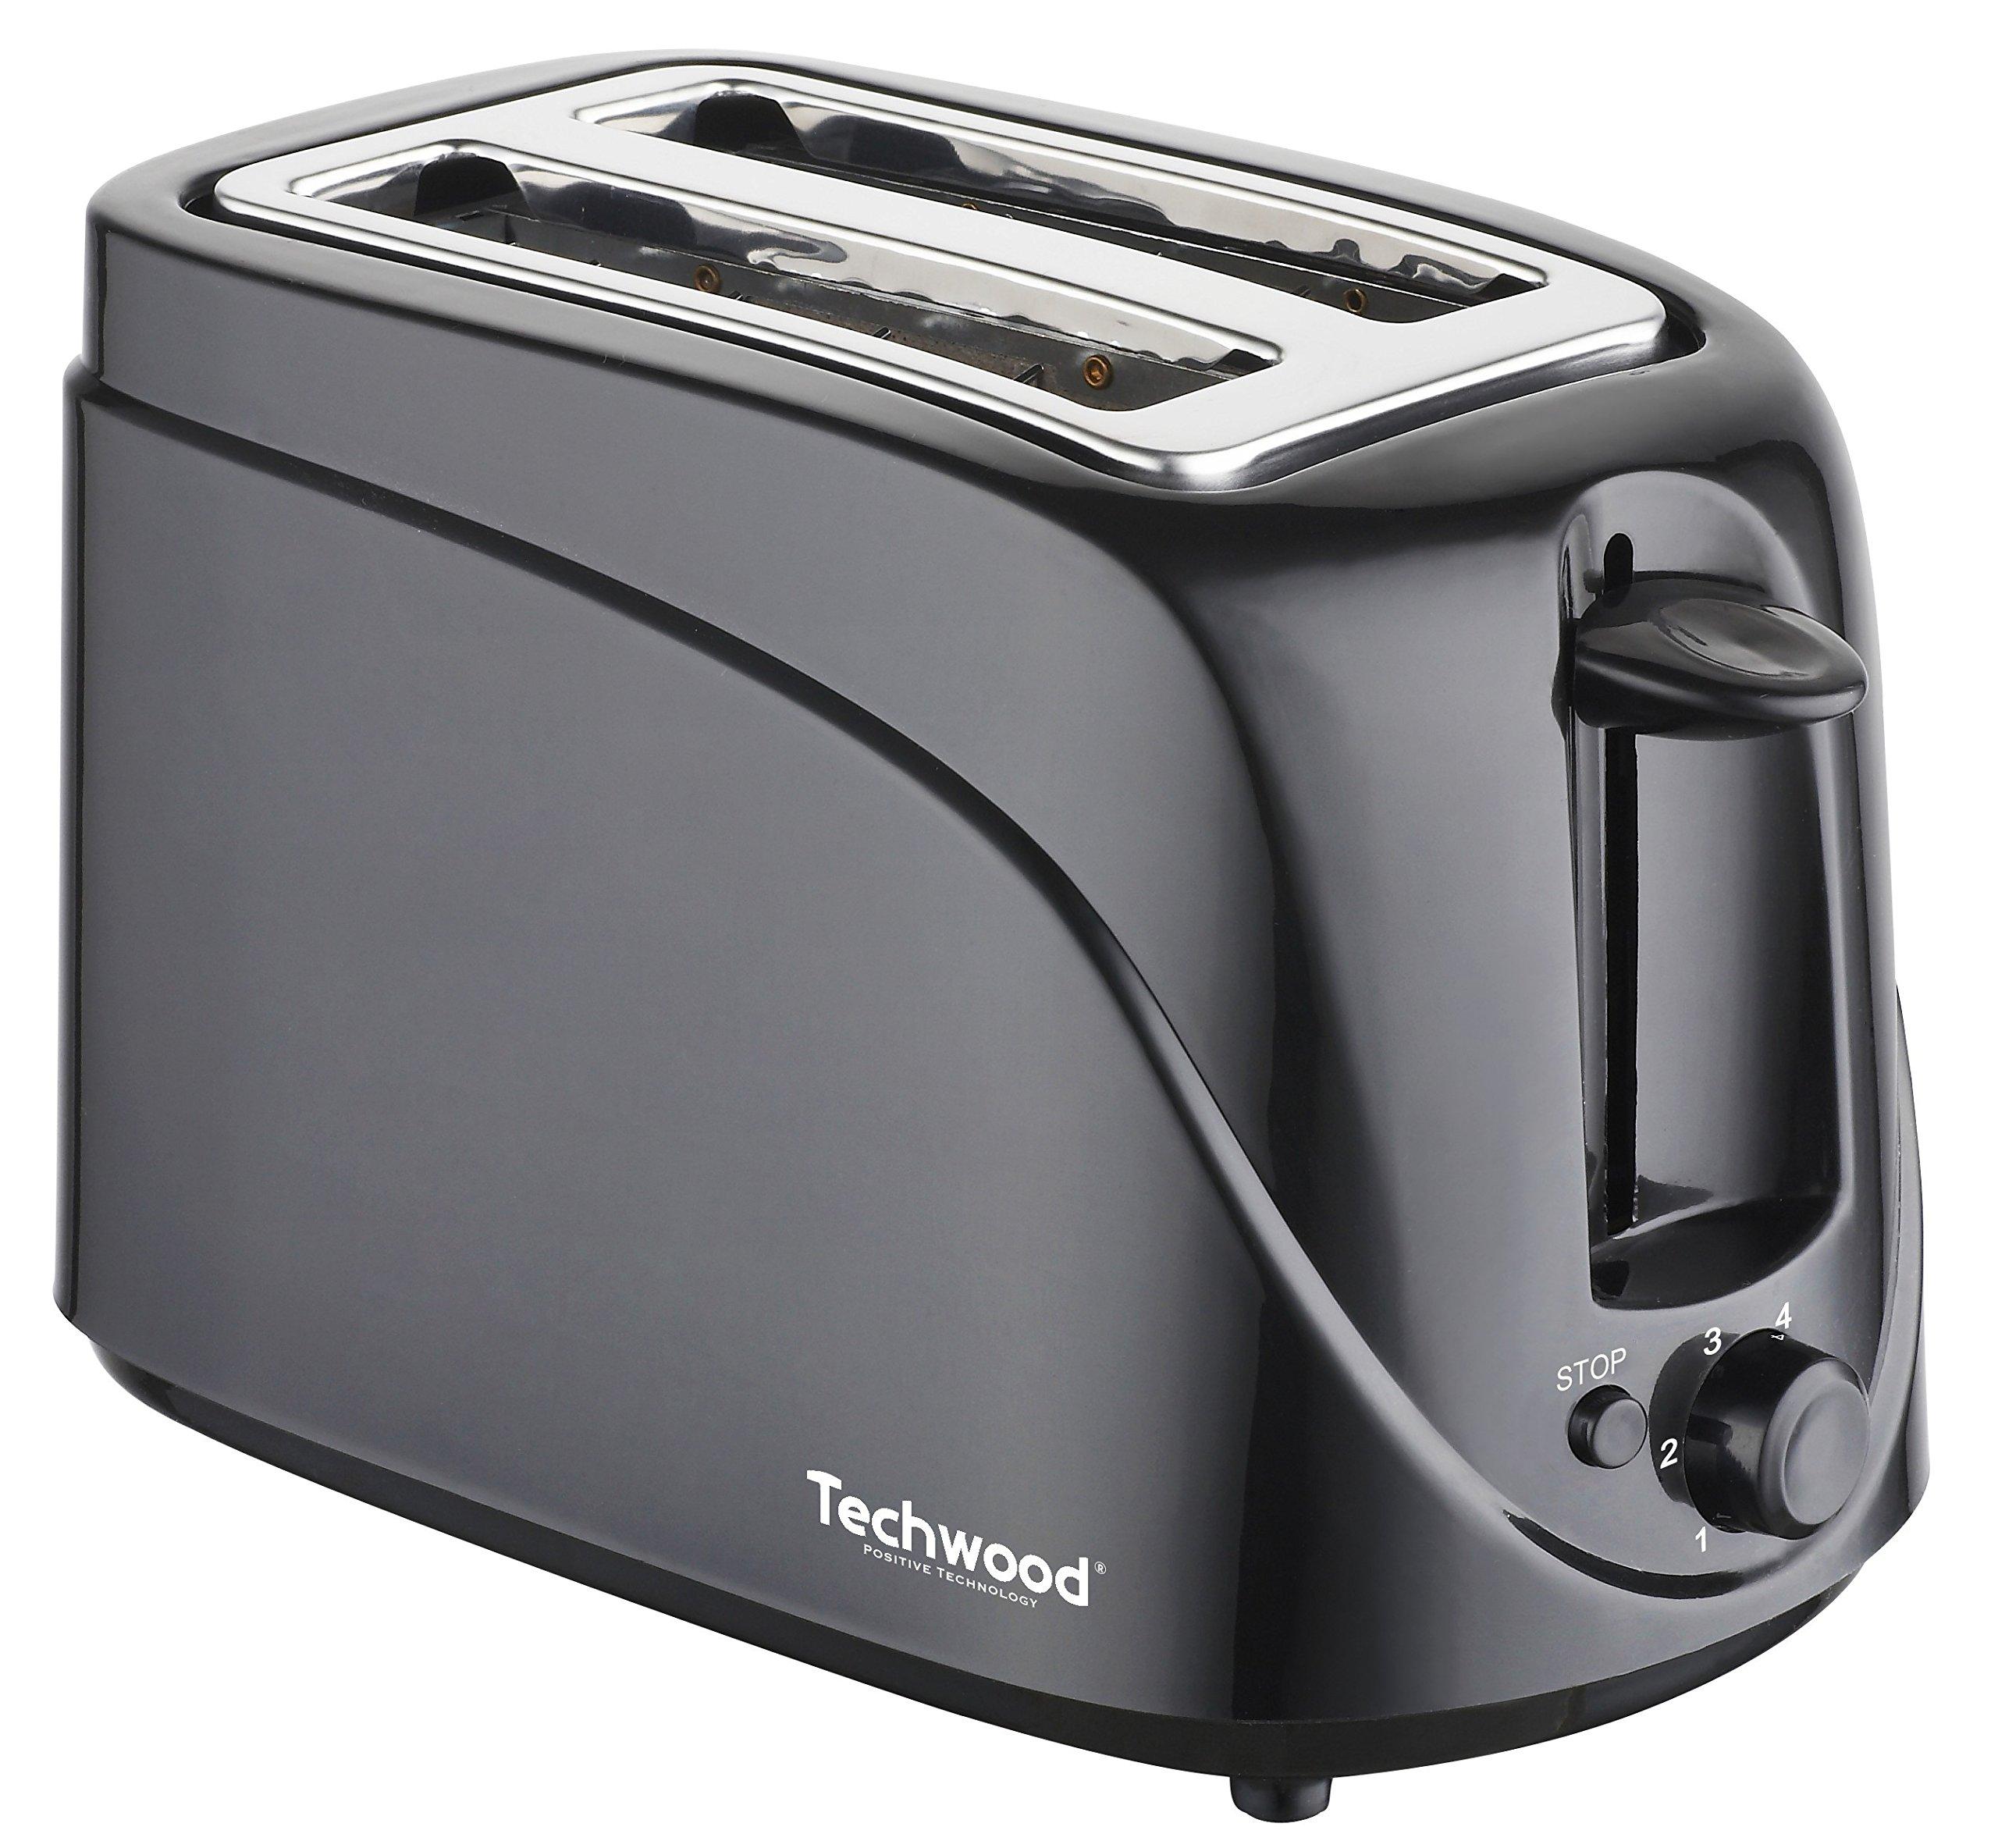 TECHWOOD-Doppelschlitz-Toaster-700-W